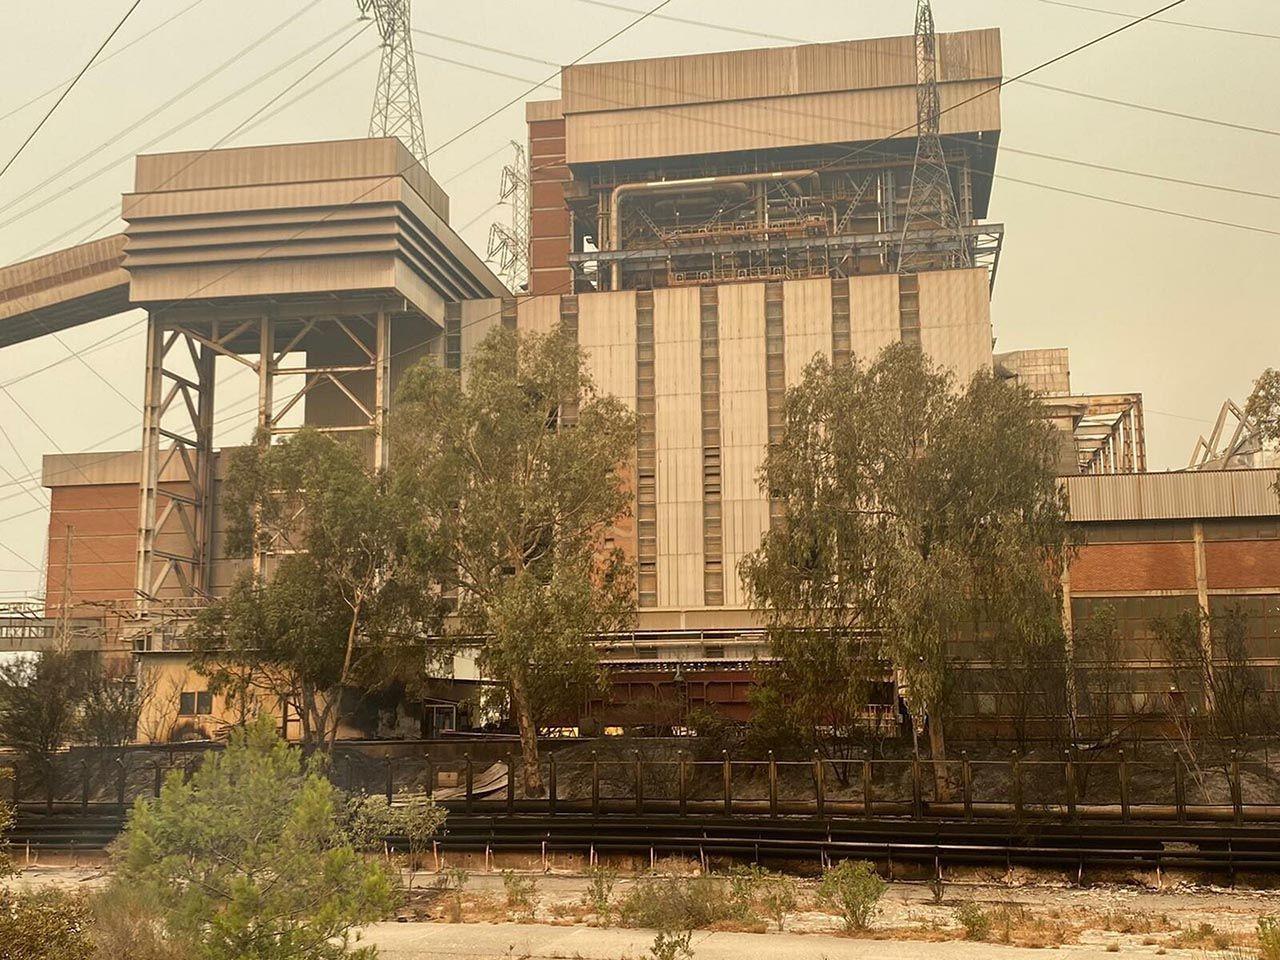 Termik santralde hasar var mı? Bakan son durumu açıkladı - Resim: 1